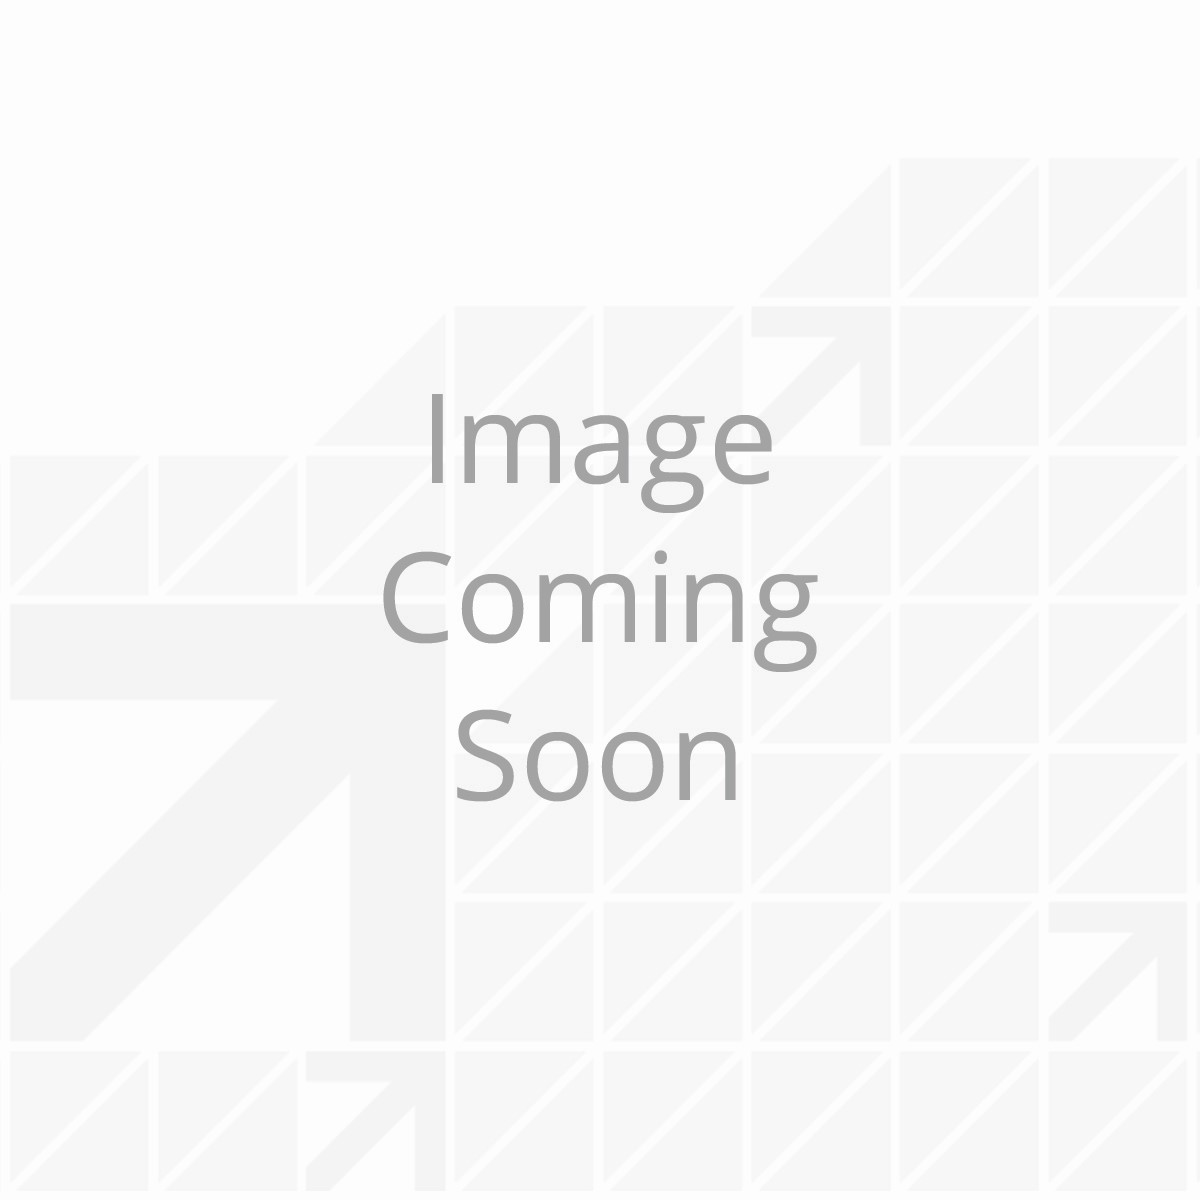 KN95/FFP2 Face Mask (Pack of 10)